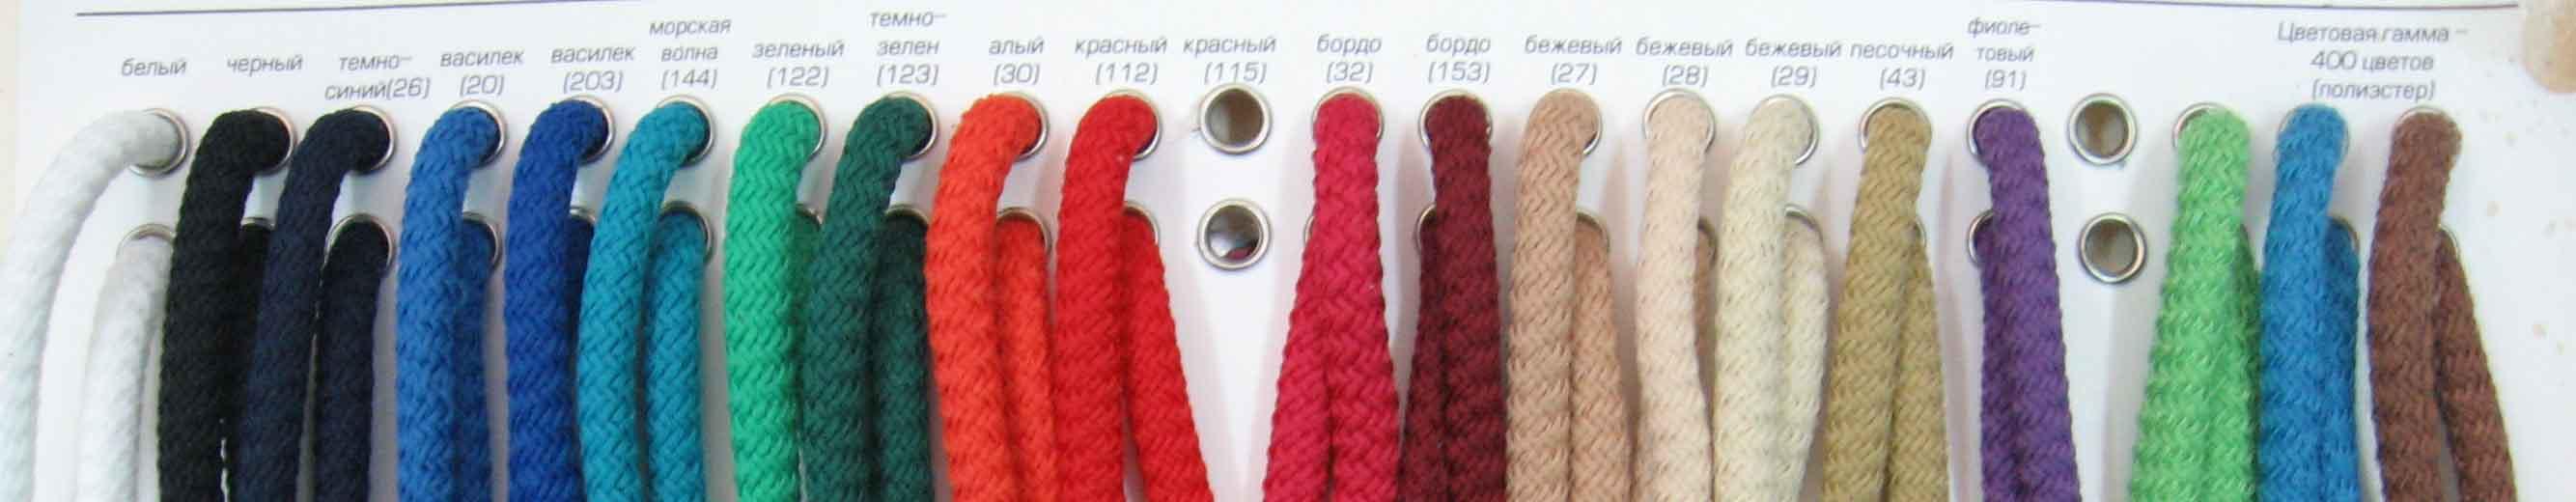 Шнур капроновый для плетения и вязания. - Ярмарка Мастеров 31